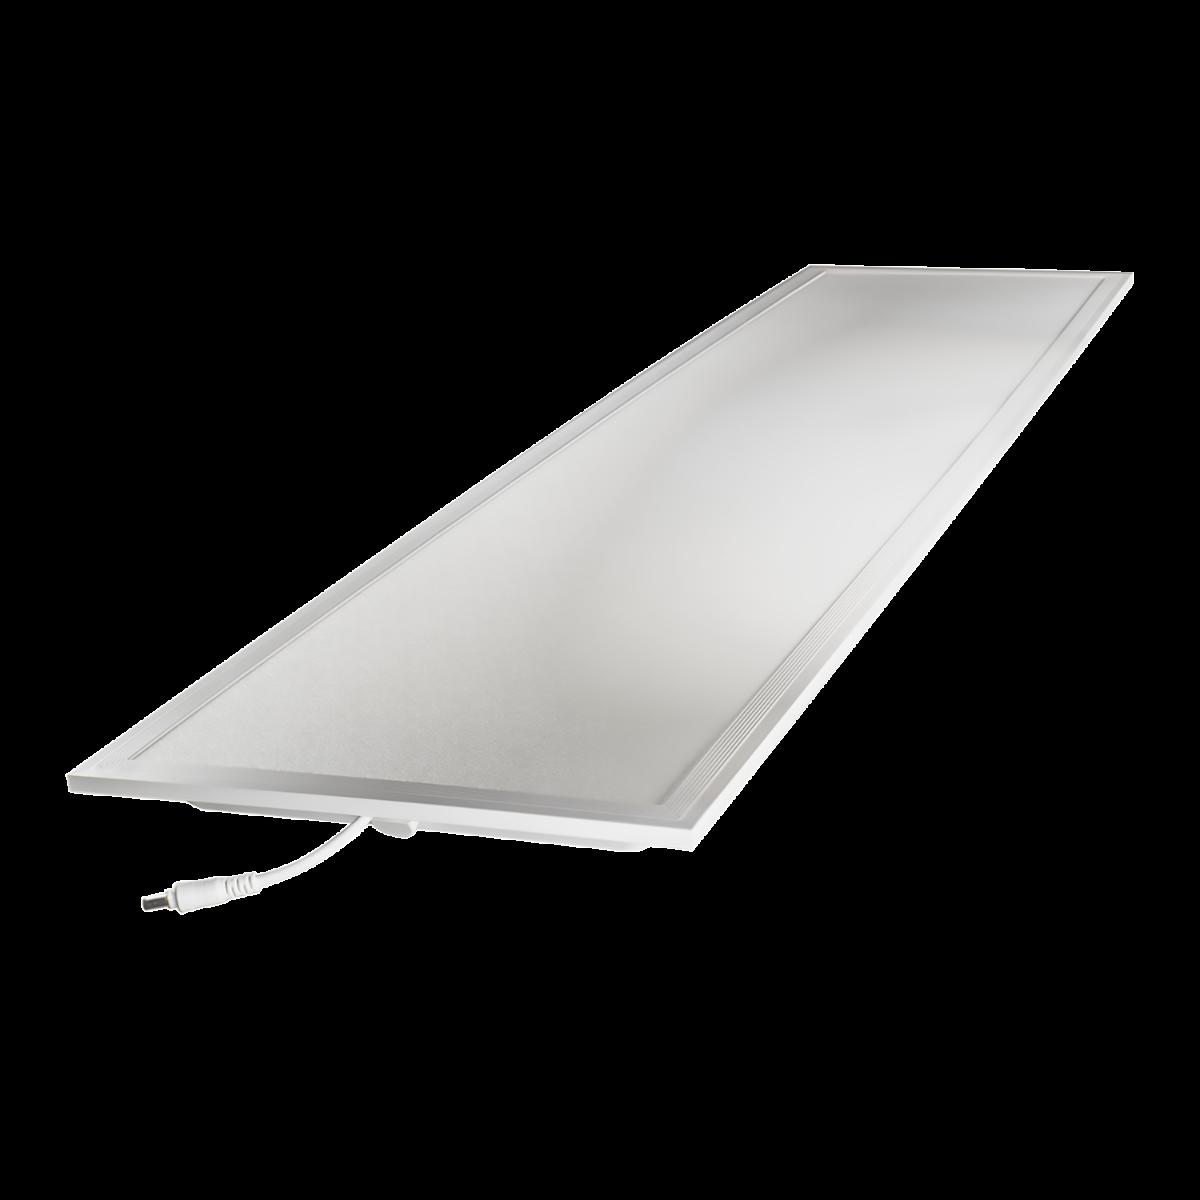 Noxion LED panel Delta Pro V2.0 30W 30x120cm 4000K 4110lm UGR <19 | kold hvid - erstatter 2x36W